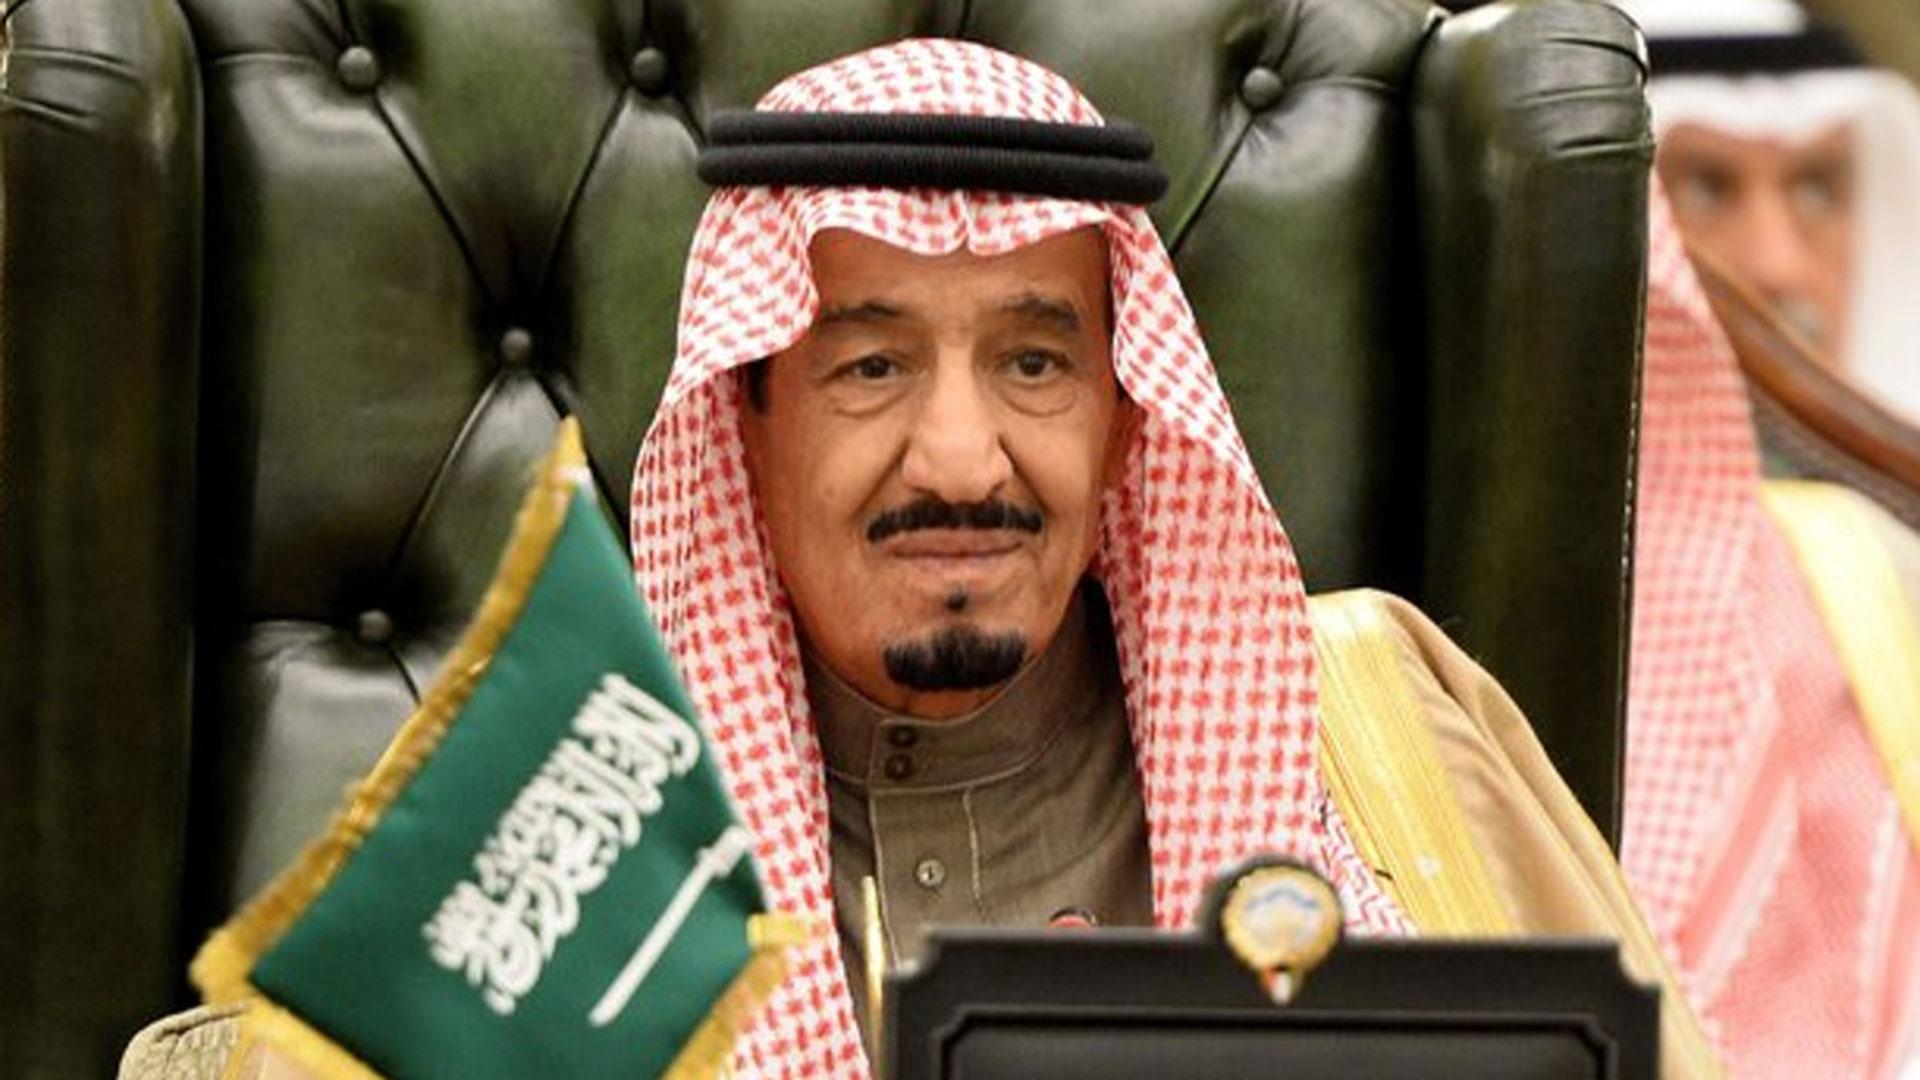 El rey Salman bin Abdelaziz